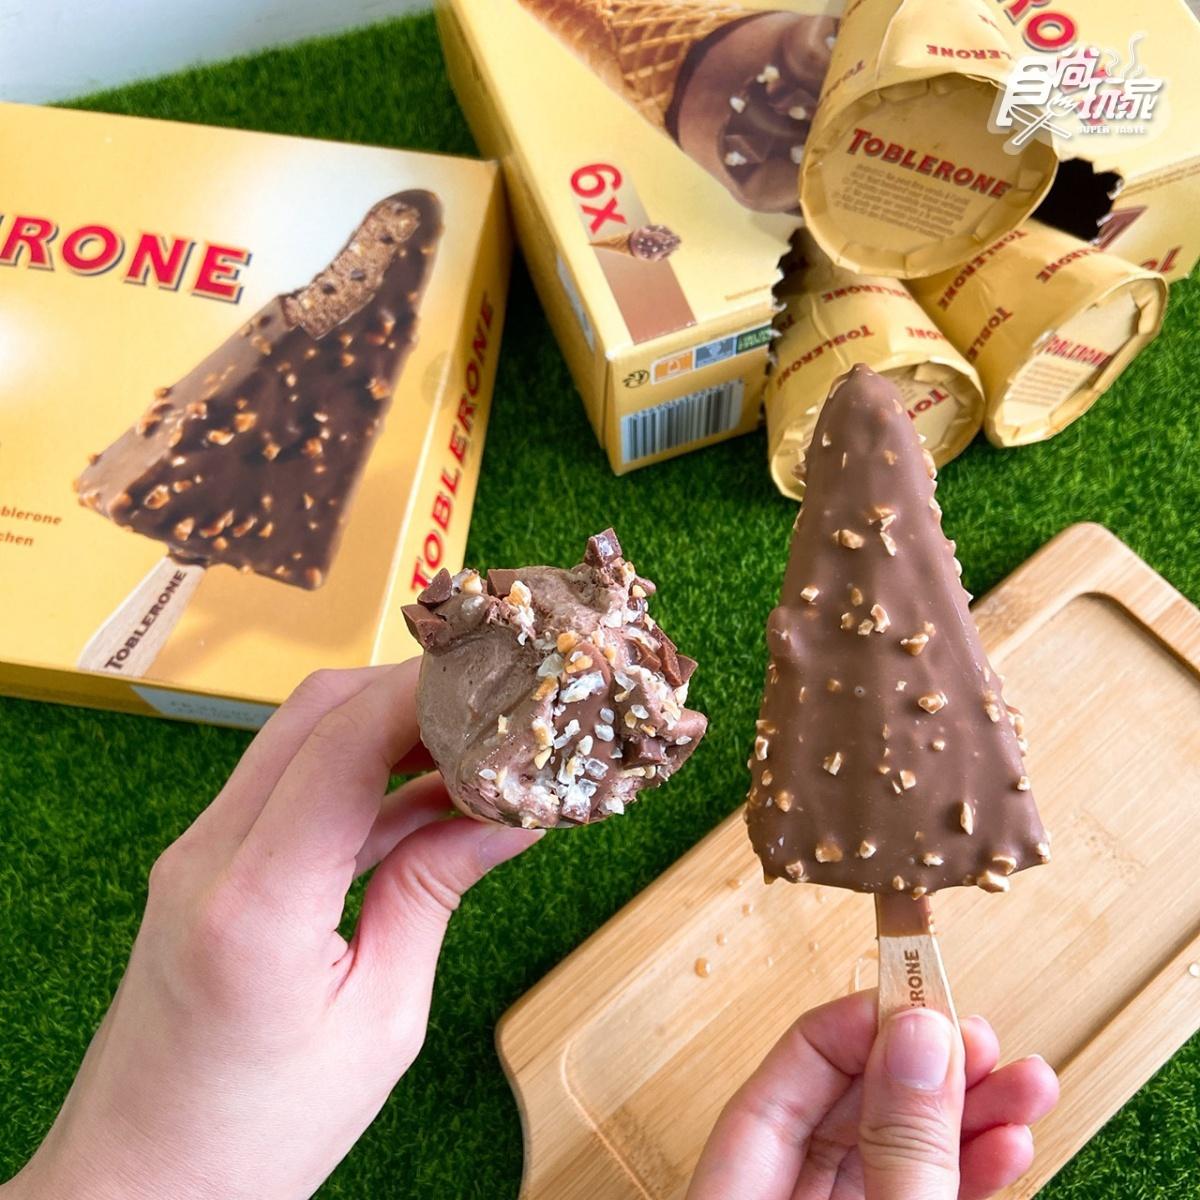 雪糕+甜筒一次擁有!「瑞士三角巧克力甜筒」新上架,香濃巧克力+杏仁粒太邪惡